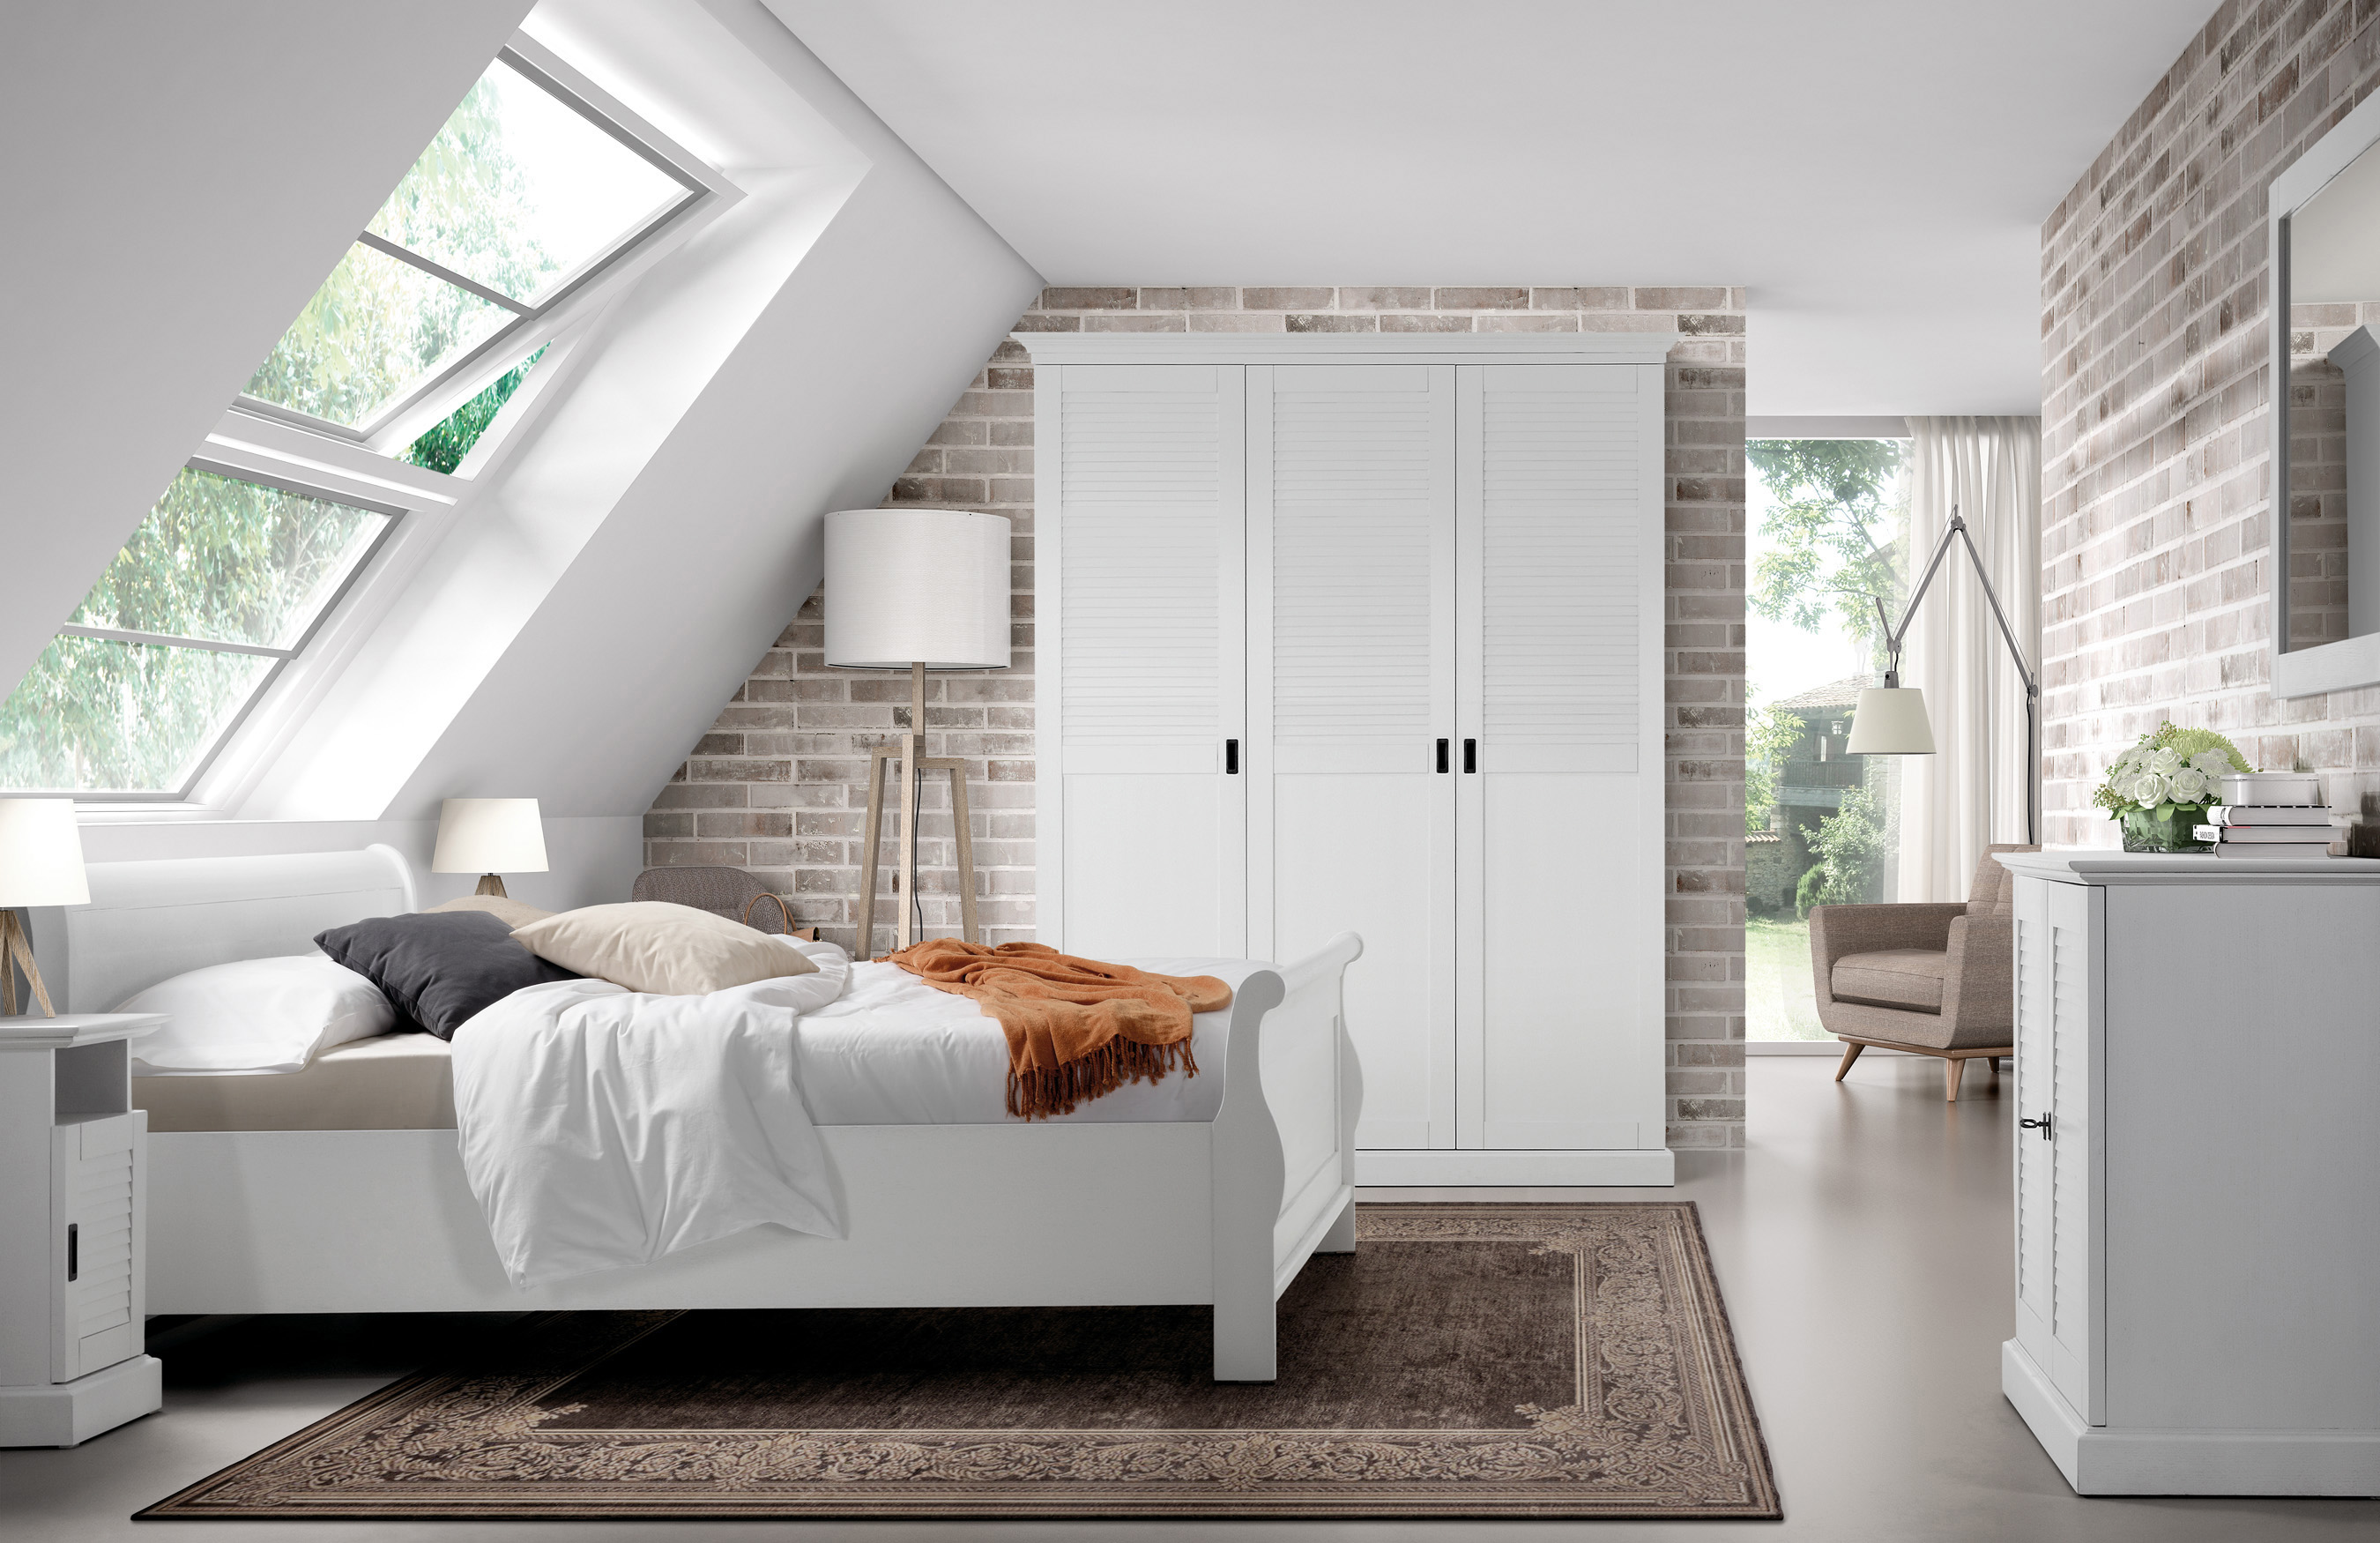 Slaapkamer classico collectie kasten tafels bedden fauteuils eetkamerstoelen kapstokken en - Slaapkamer kasten modellen slapen ...